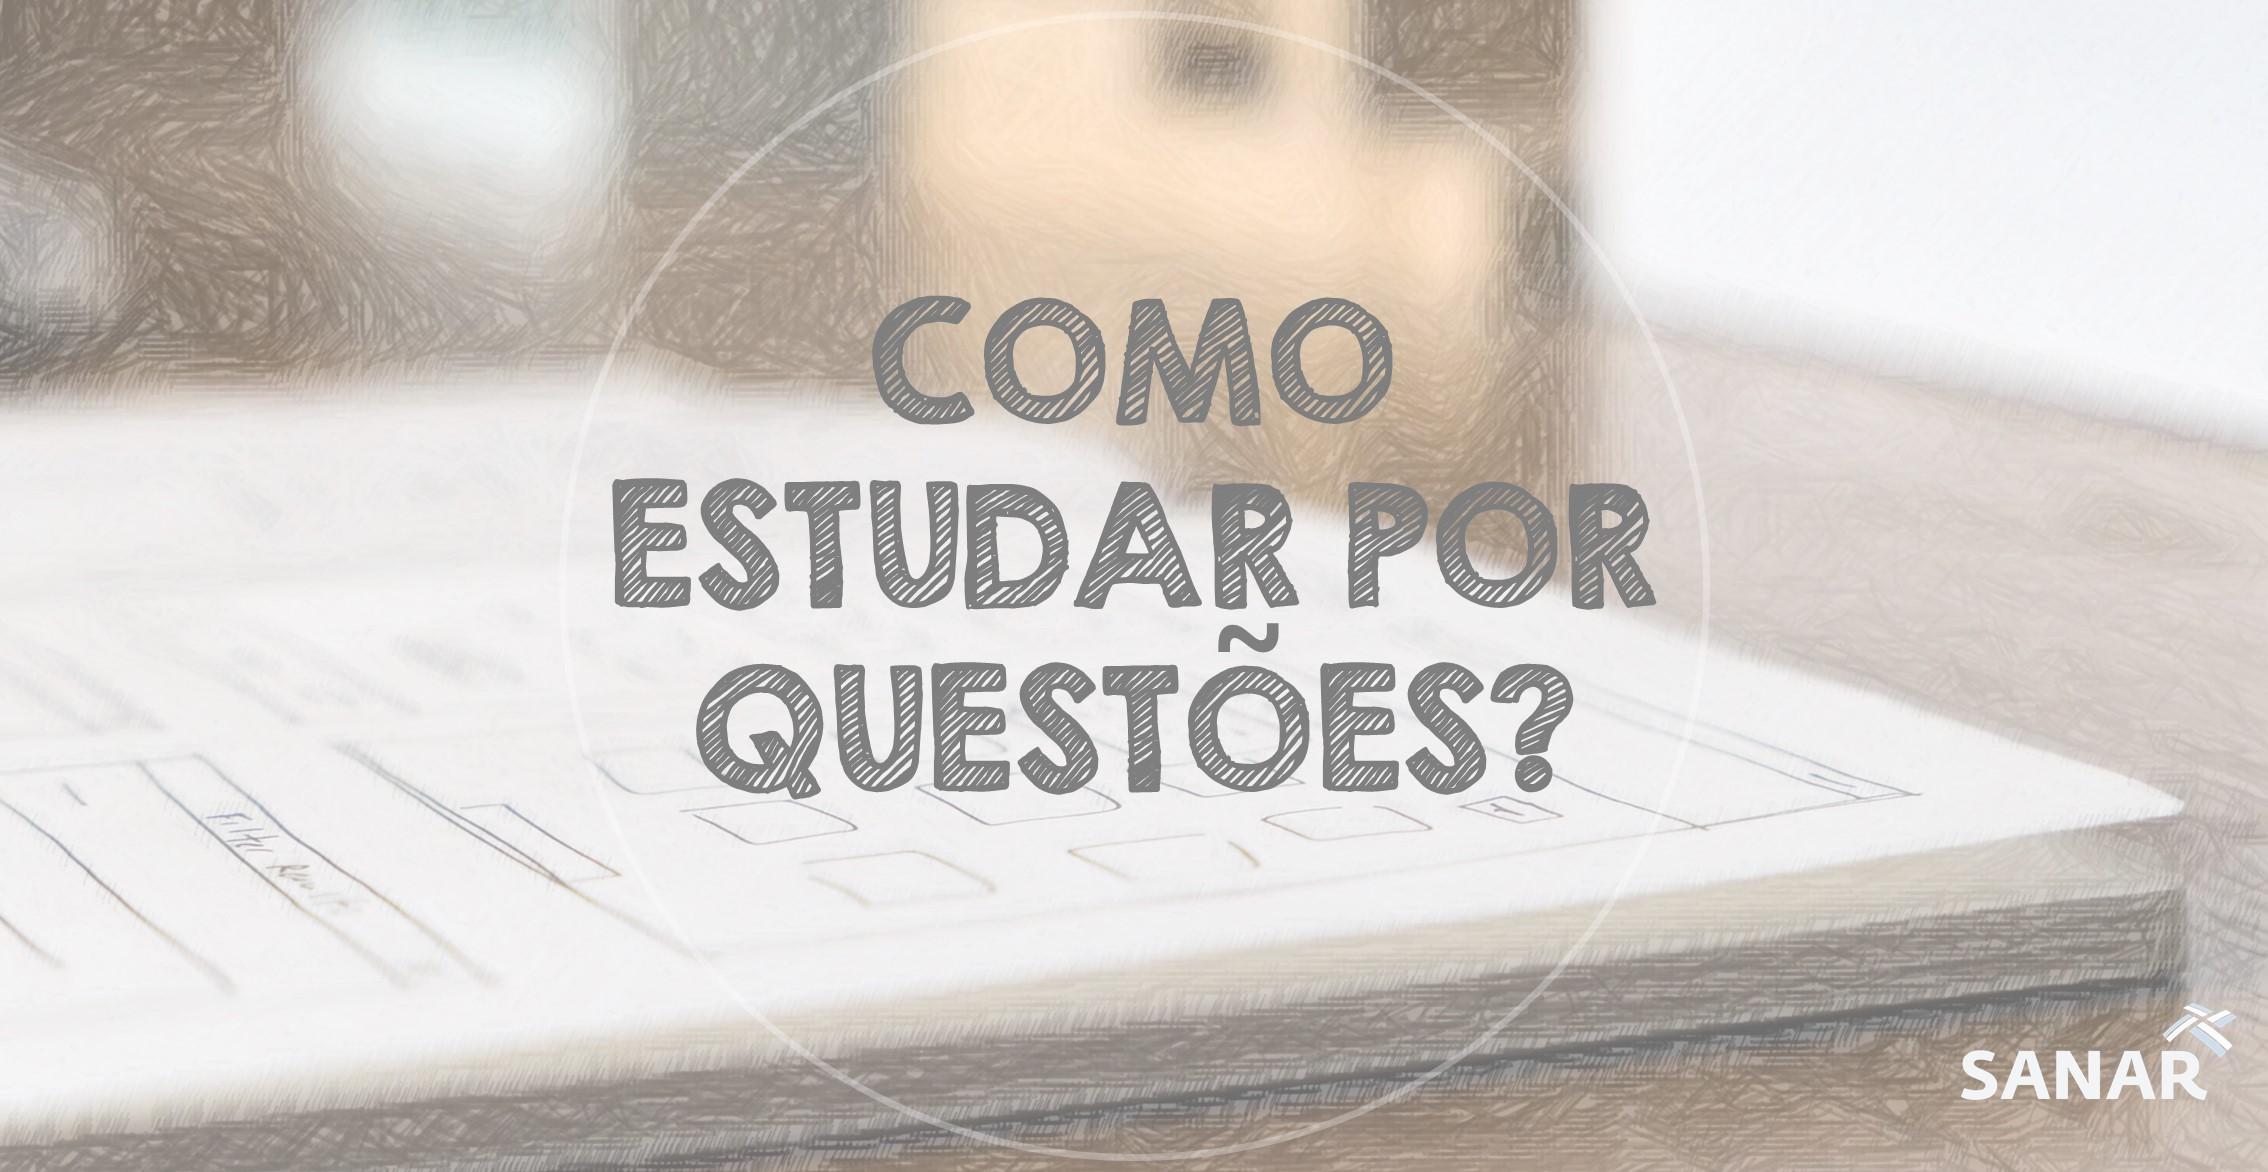 Saiba como estudar para concursos e residência através de questões